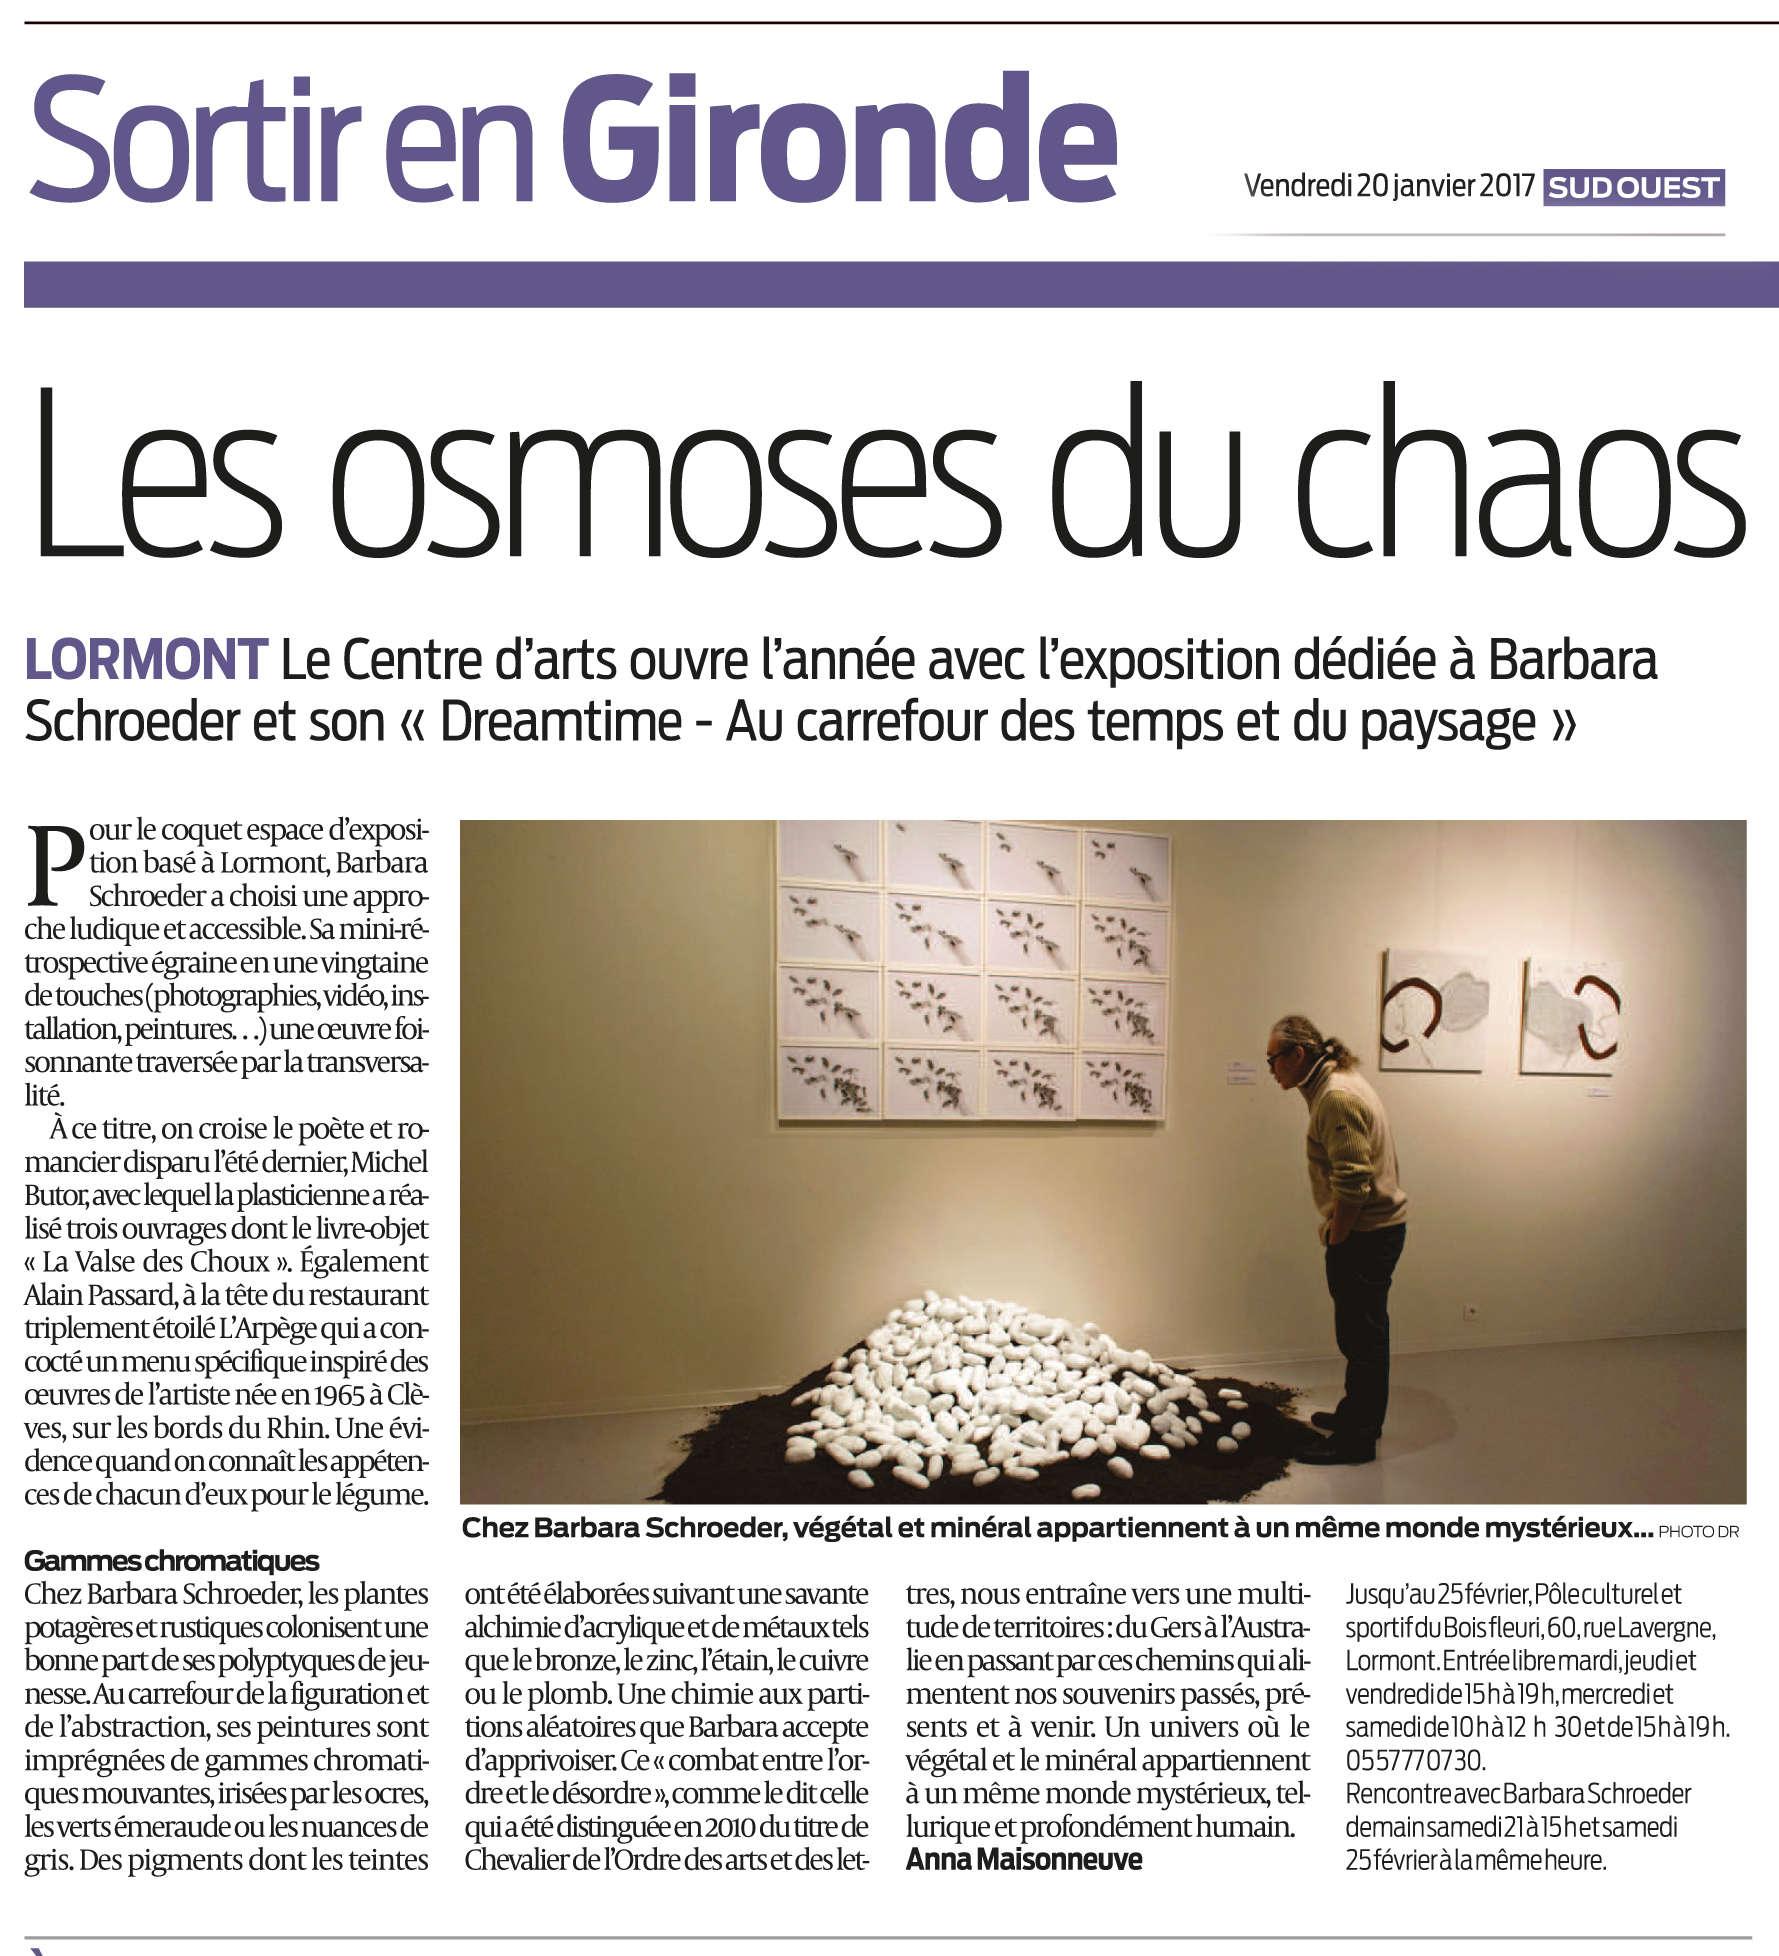 Article Schroeder  SOLormont20012017-redim